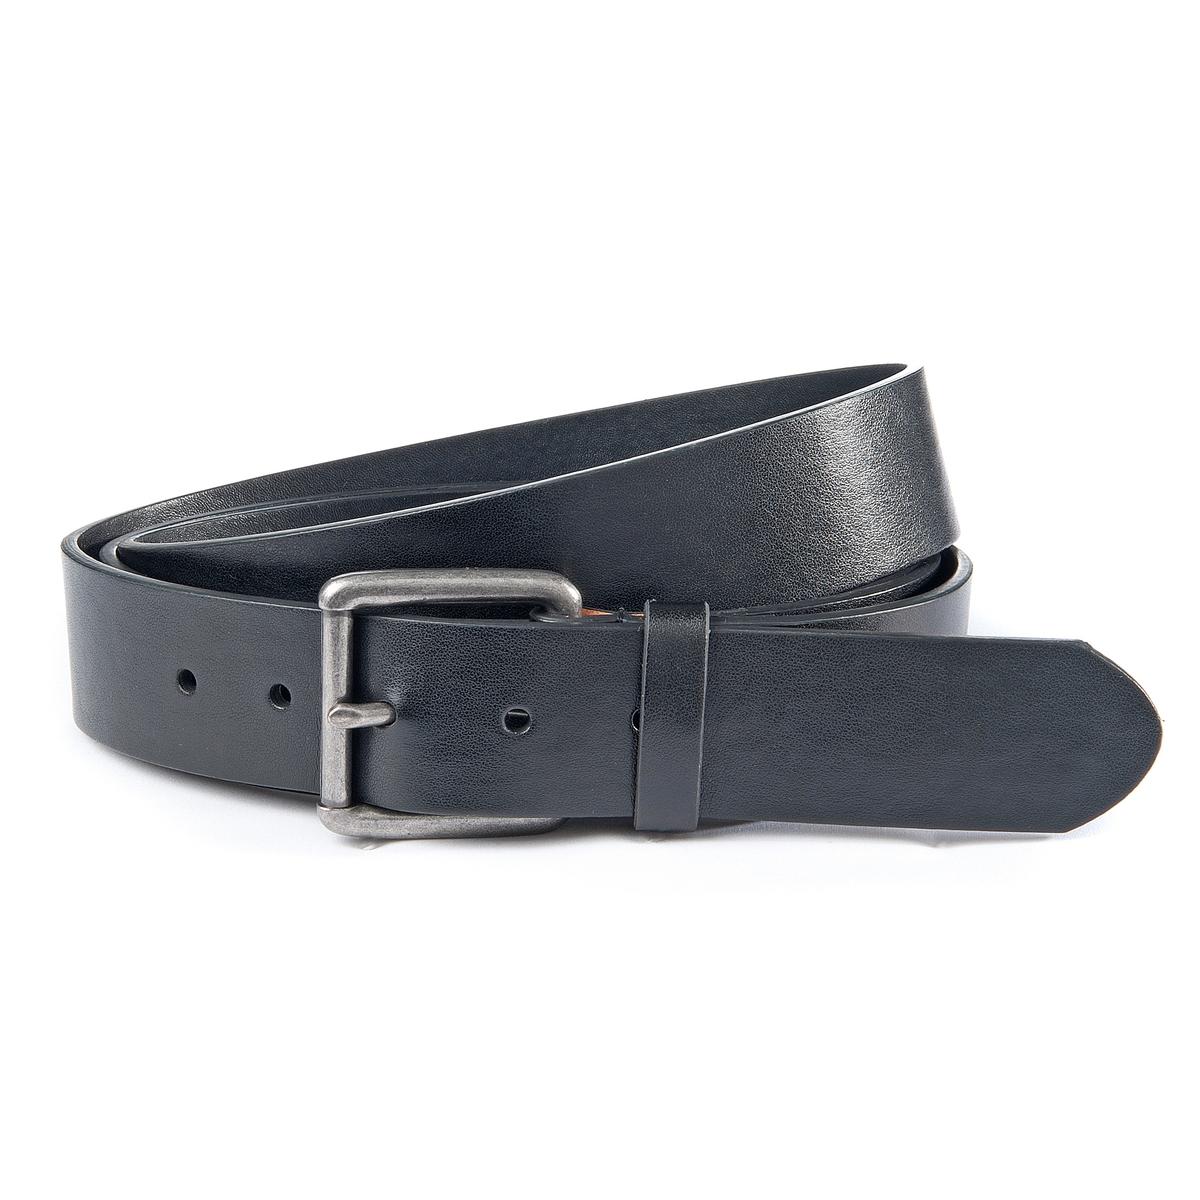 Ремень кожаныйМатериал : Кожа, синдерм Застежка : Металлическая пряжка    Ширина : 4,3 см. Обхват талии в см<br><br>Цвет: каштановый,черный